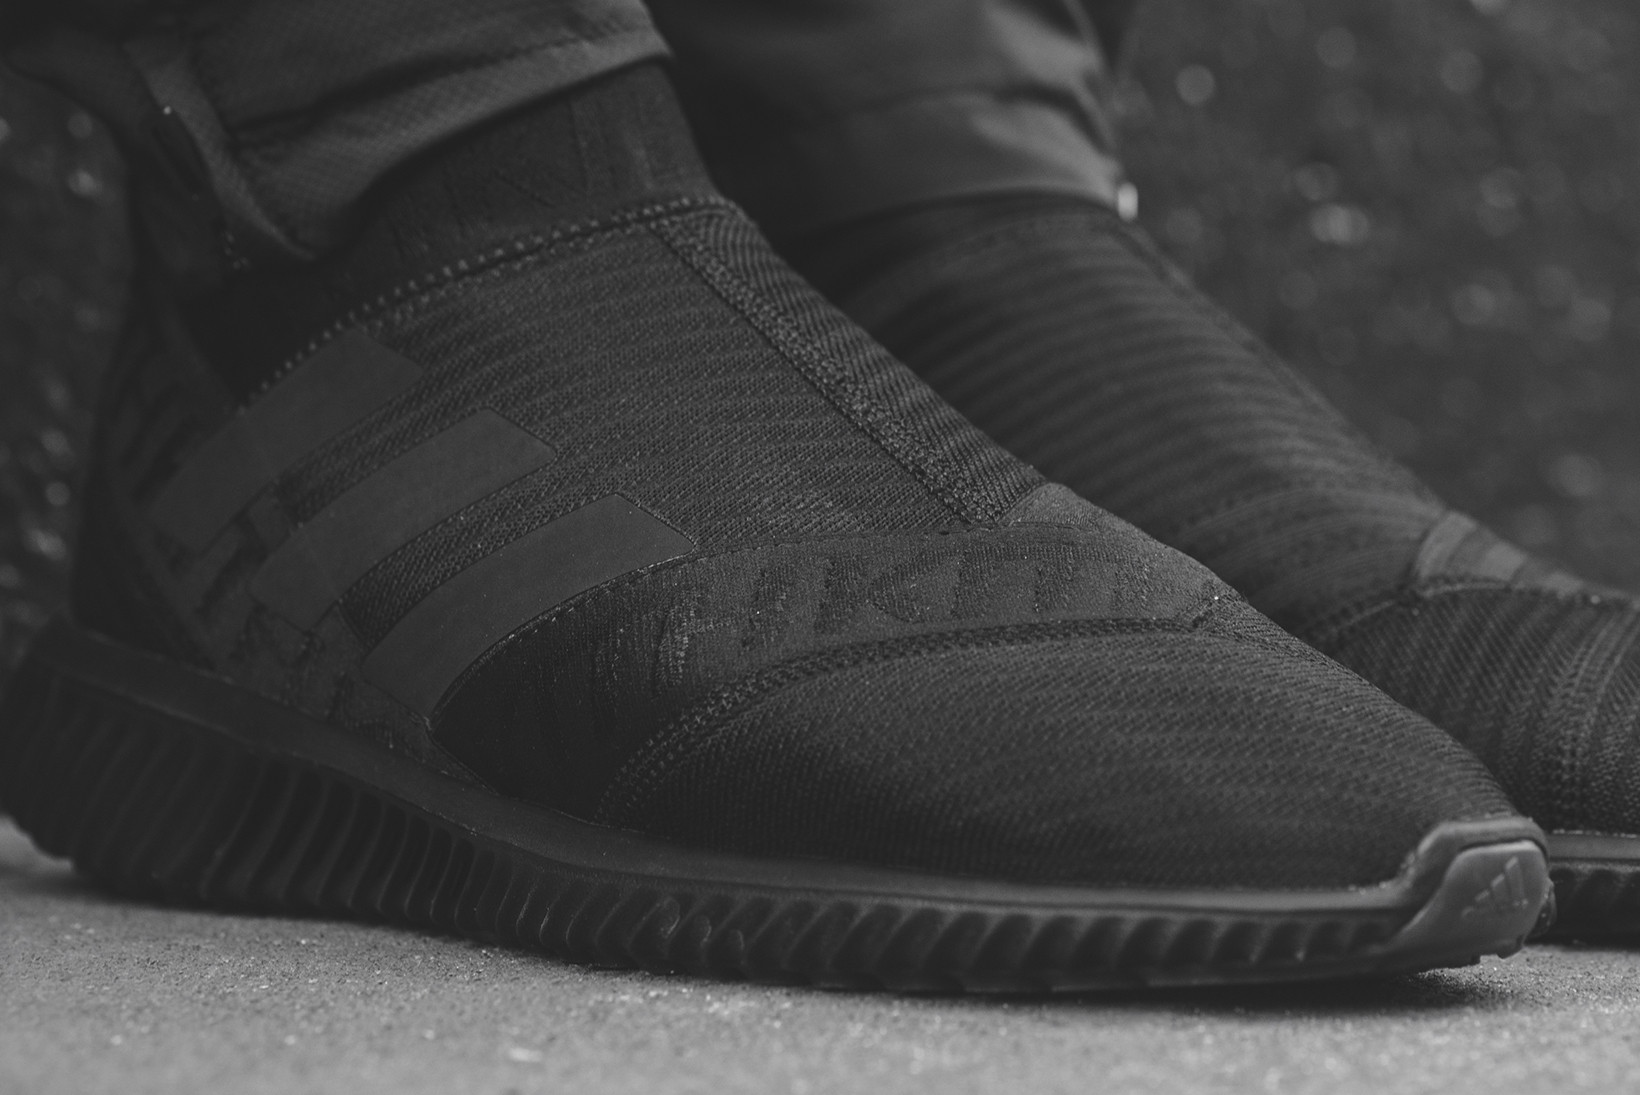 KITH x adidas Nemeziz Tango 17+